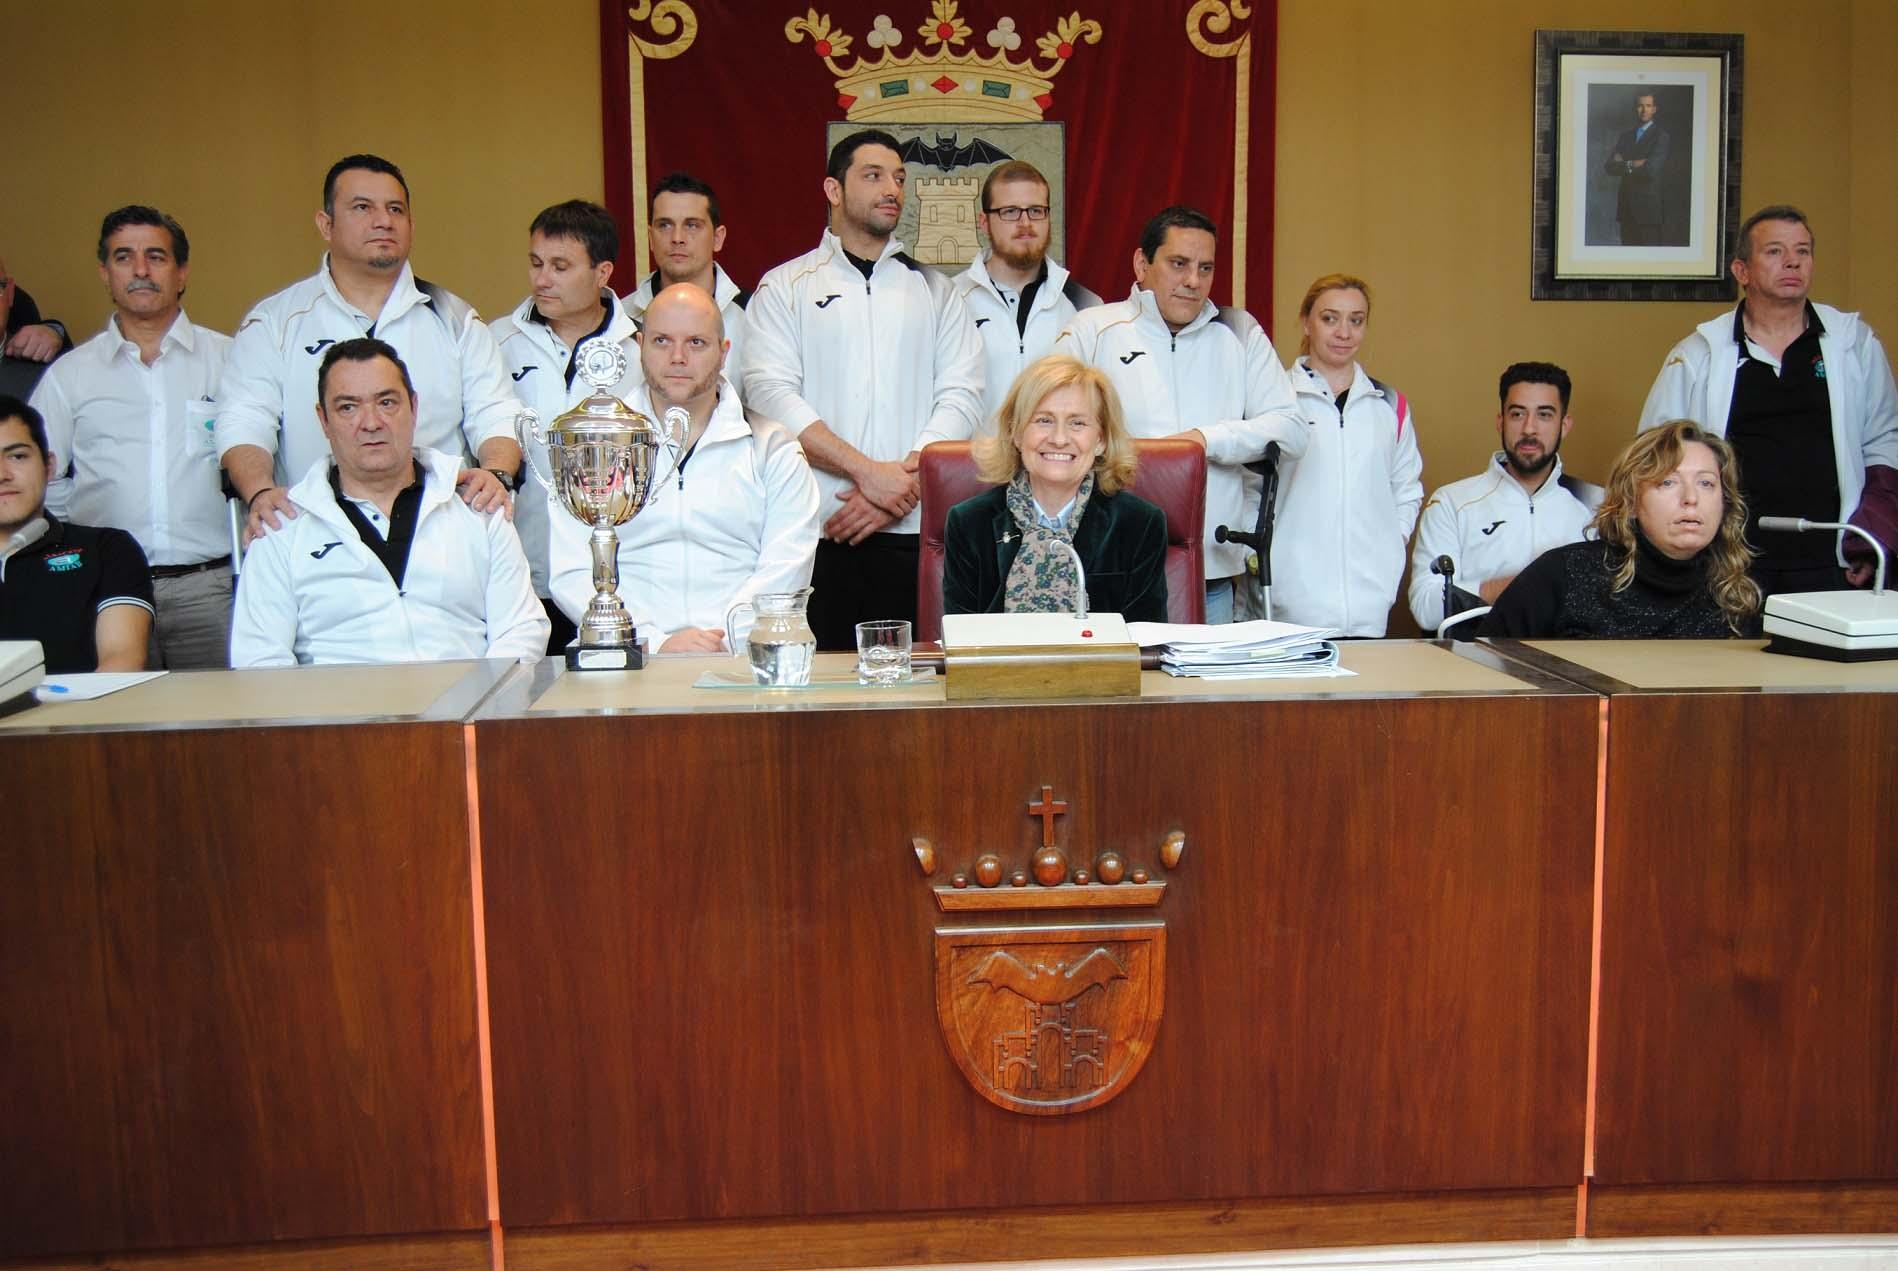 Recibimiento al BSR Amiab Albacete en el Ayuntamiento (Foto: Ayuntamiento)